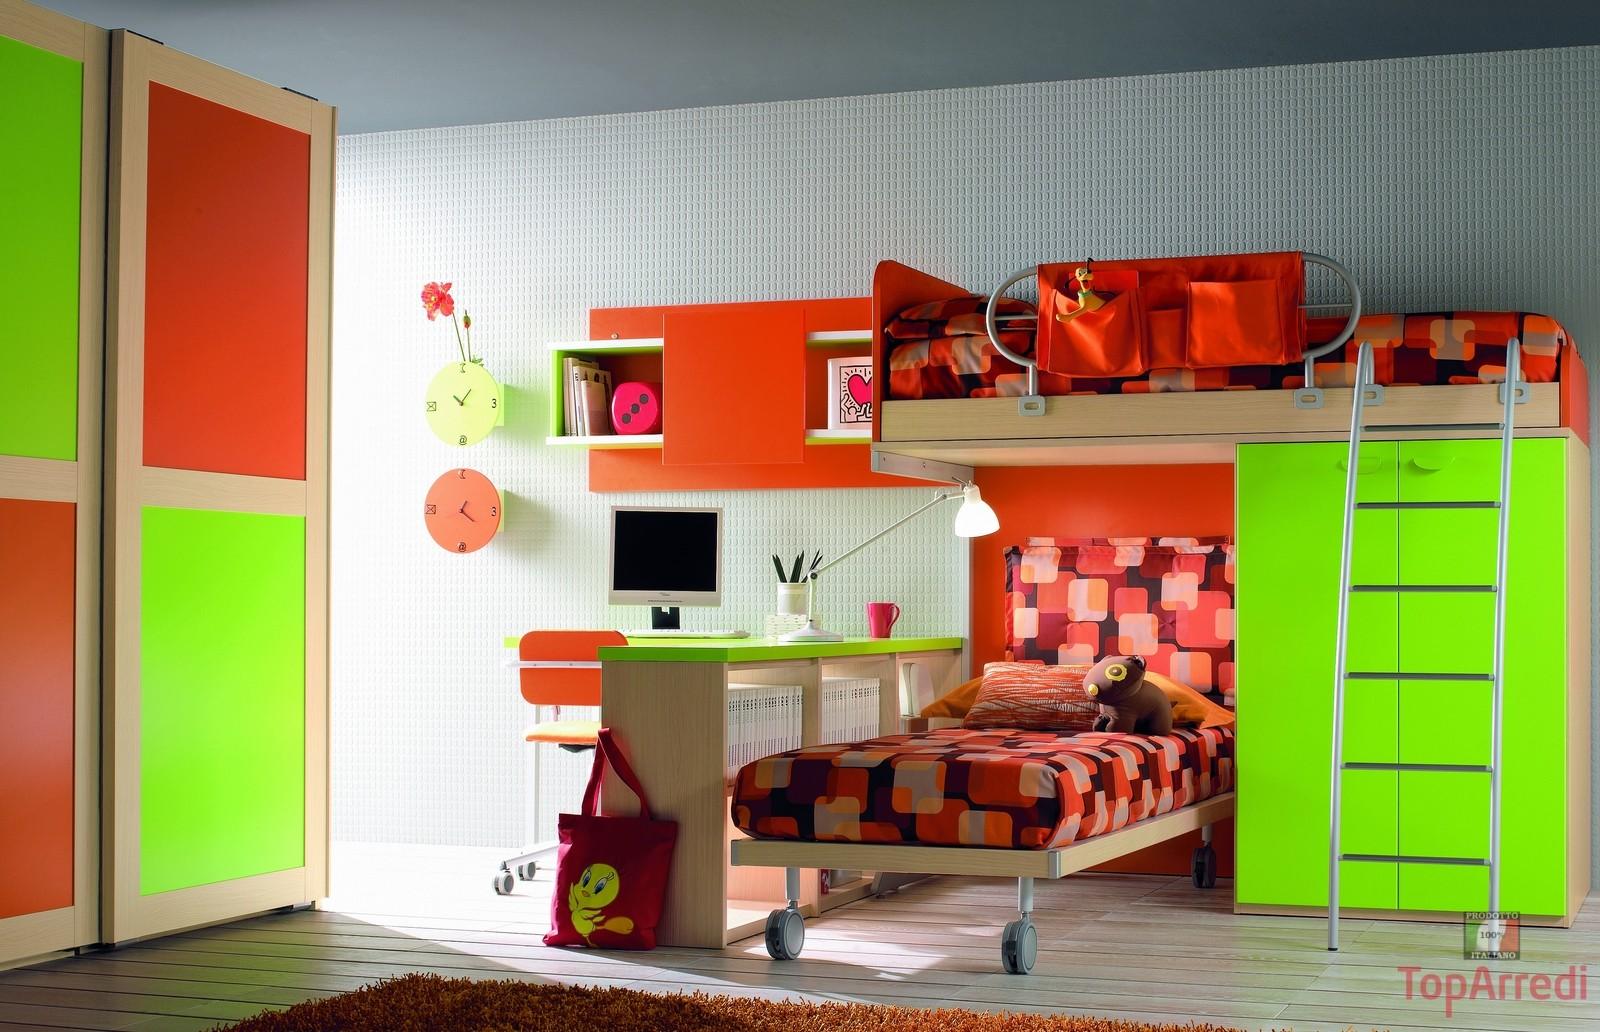 Come scegliere la cameretta per i bambini in base allo spazio architetto arreda - Cameretta per bambini ikea ...